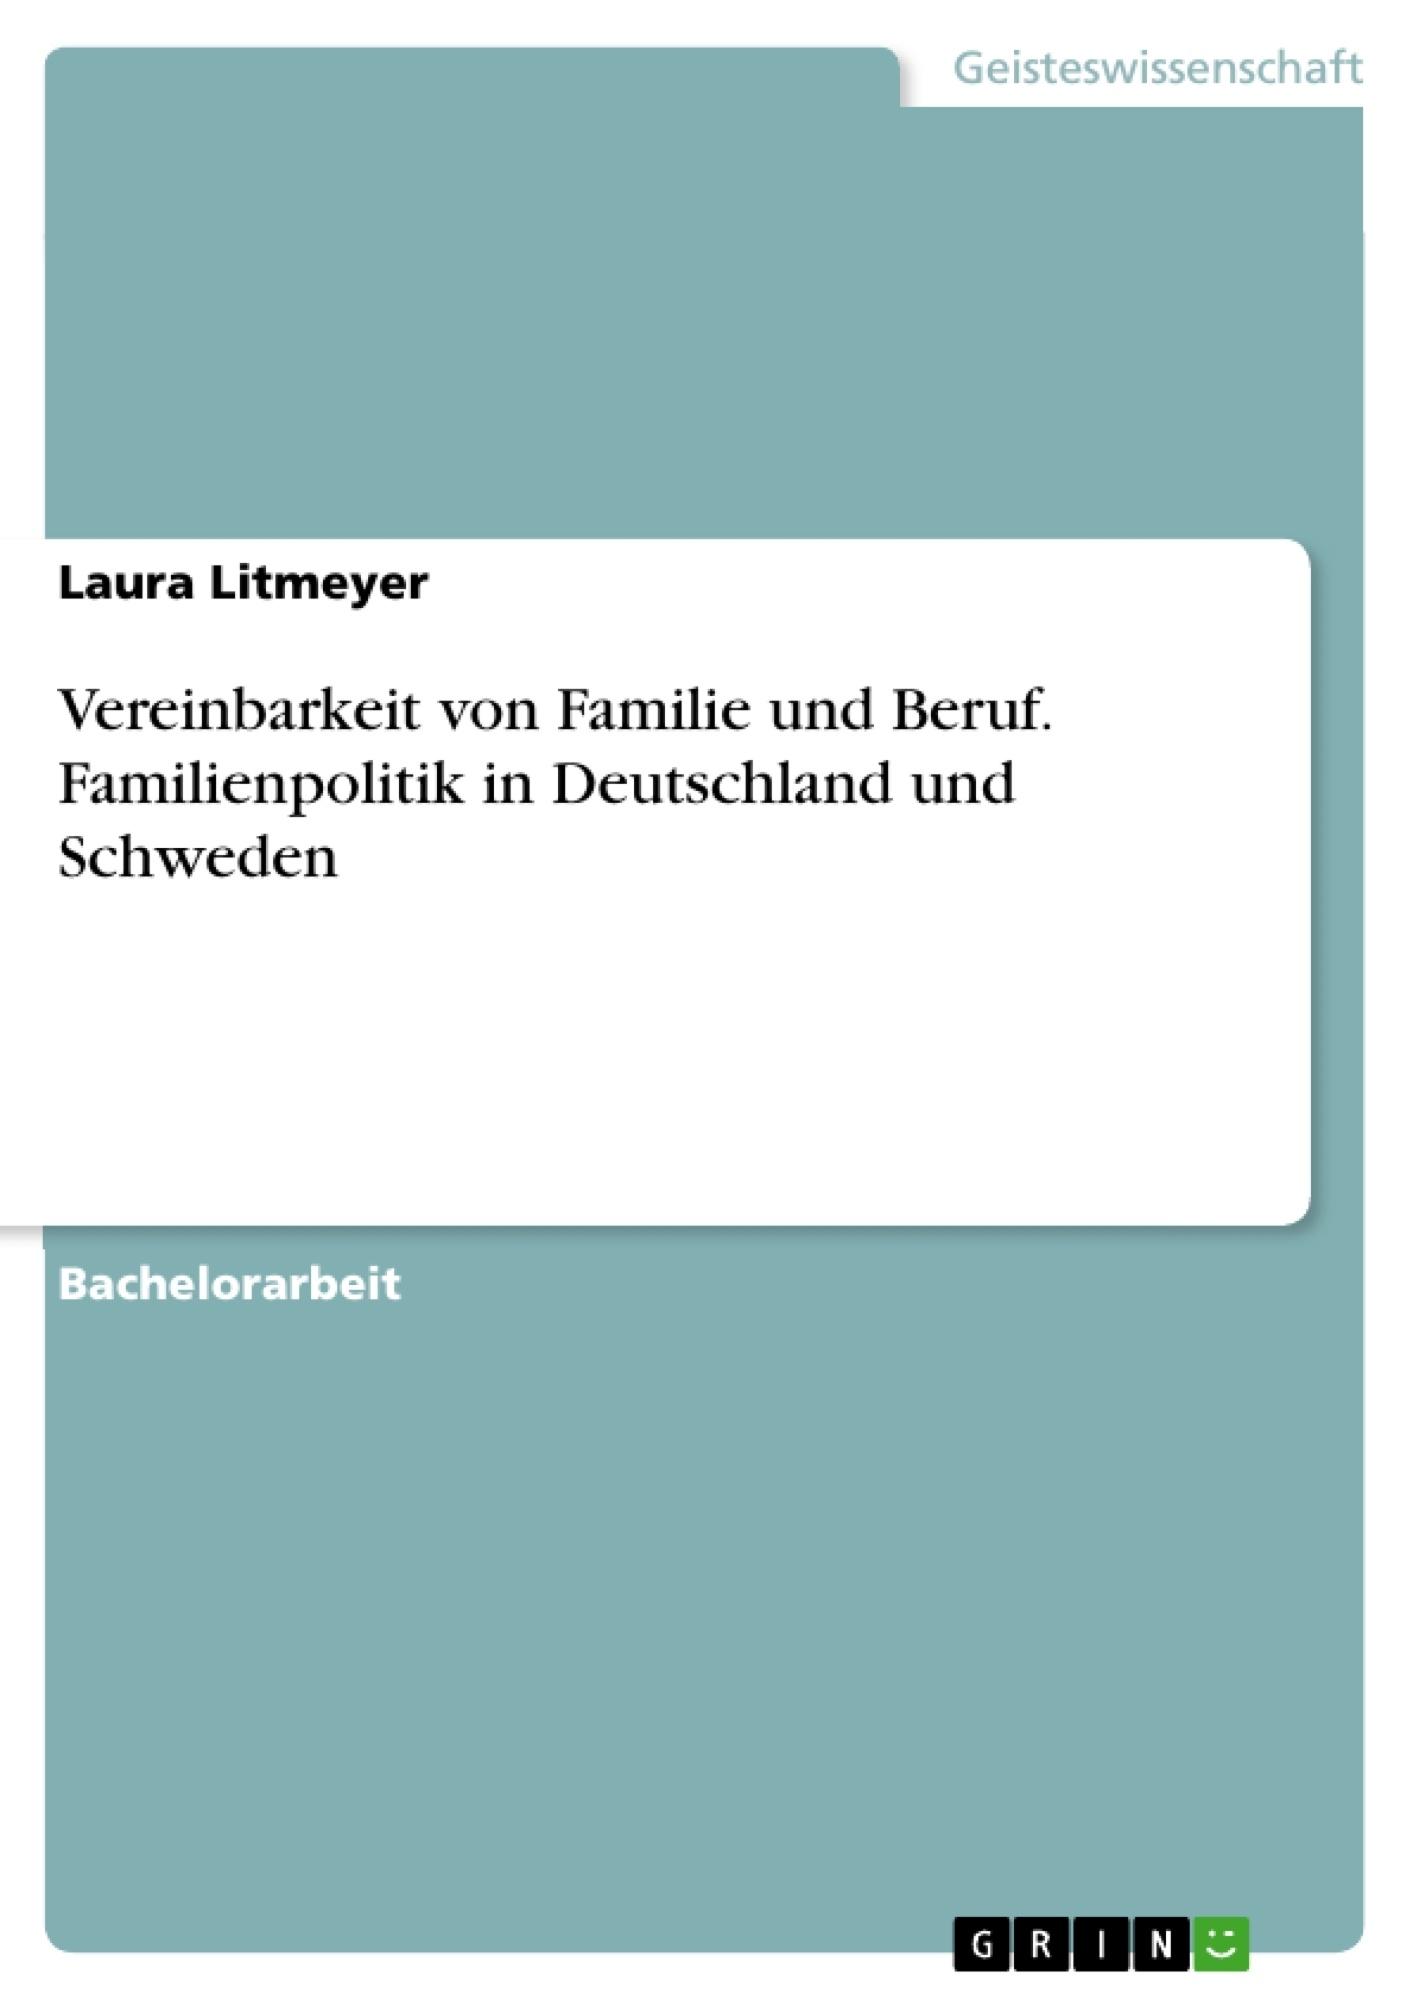 Titel: Vereinbarkeit von Familie und Beruf. Familienpolitik in Deutschland und Schweden